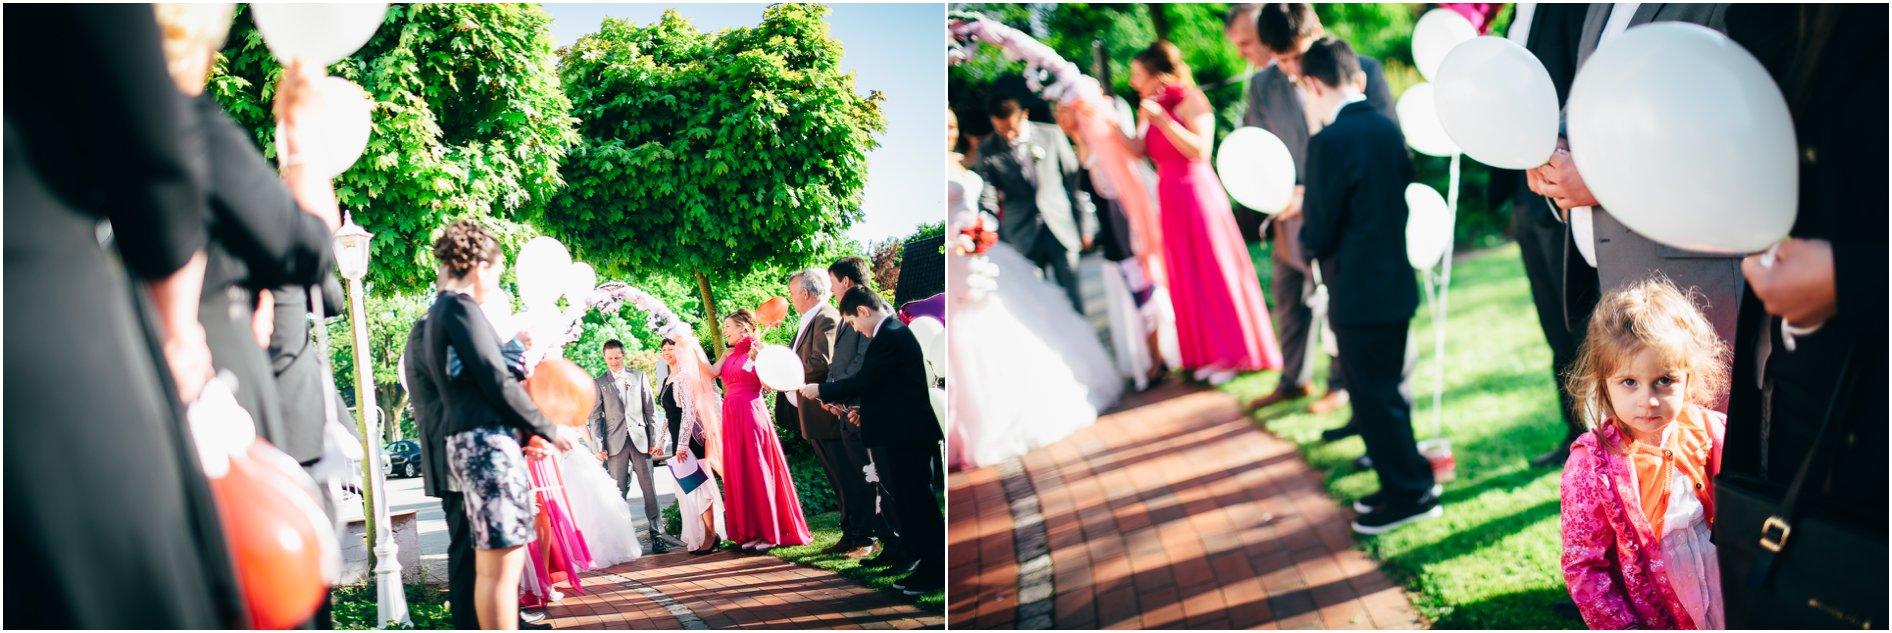 2014-07-16_0203 Anna & Igor - Hochzeitsfotograf in Bremen